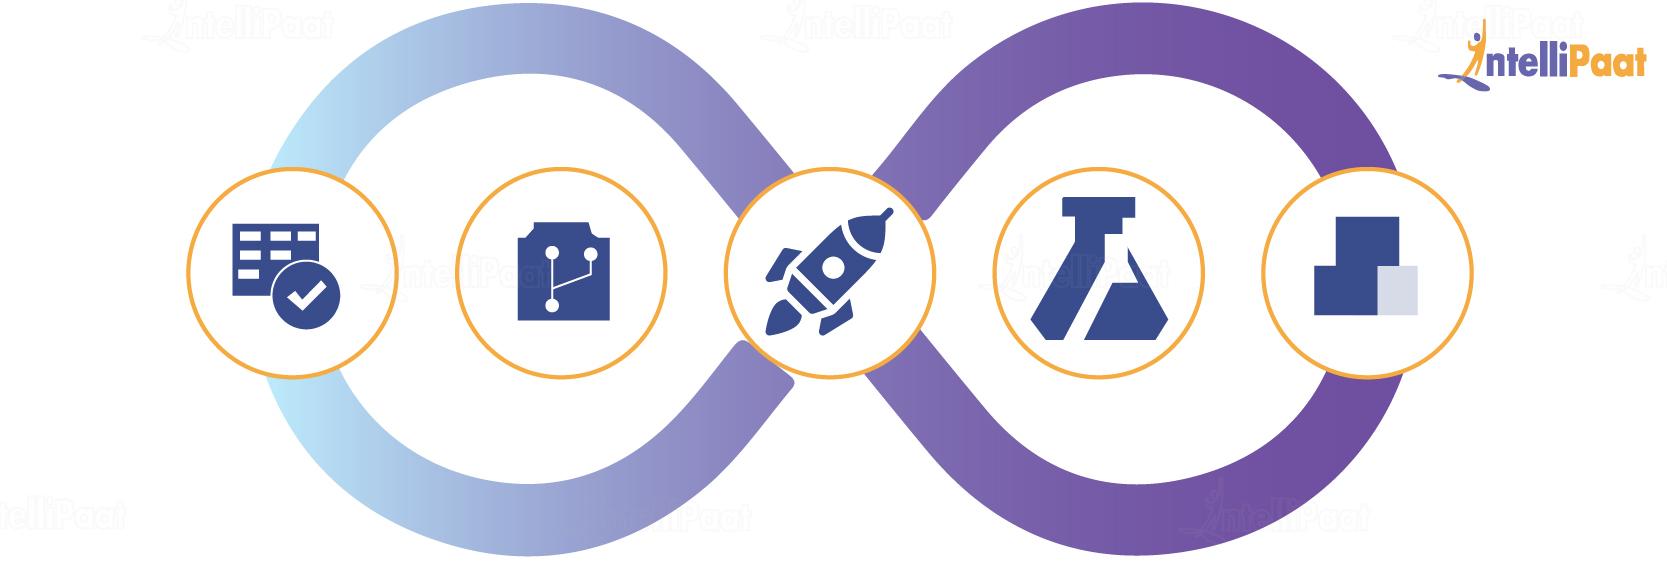 Azure DevOps Certification – Intellipaat Blog